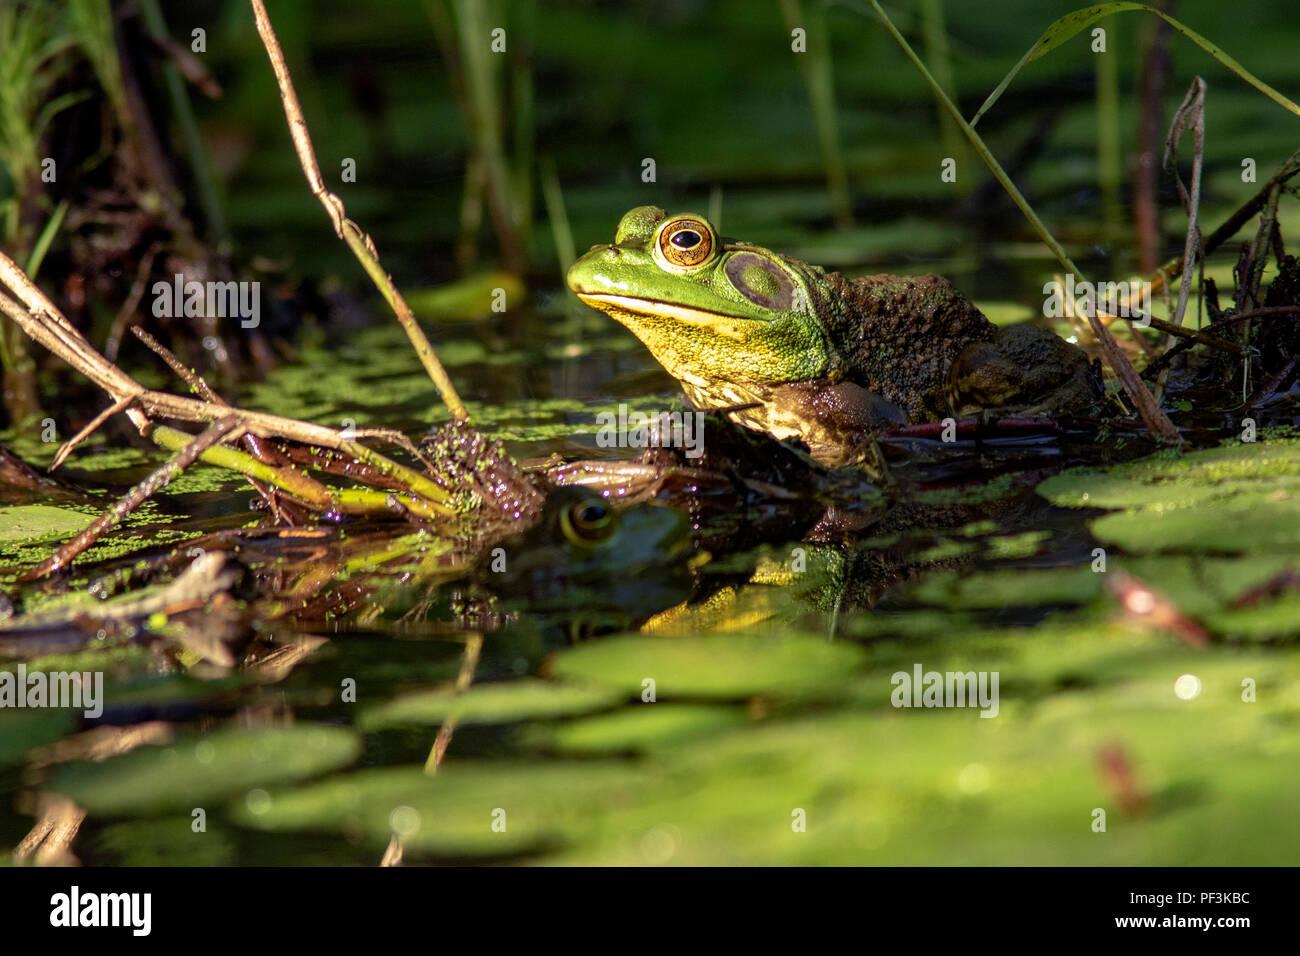 (Lithobates catesbeianus grenouille taureau américain) - Indian Point Trail - Le Jardin des Dieux, Shawnee National Forest, Illinois, États-Unis Banque D'Images